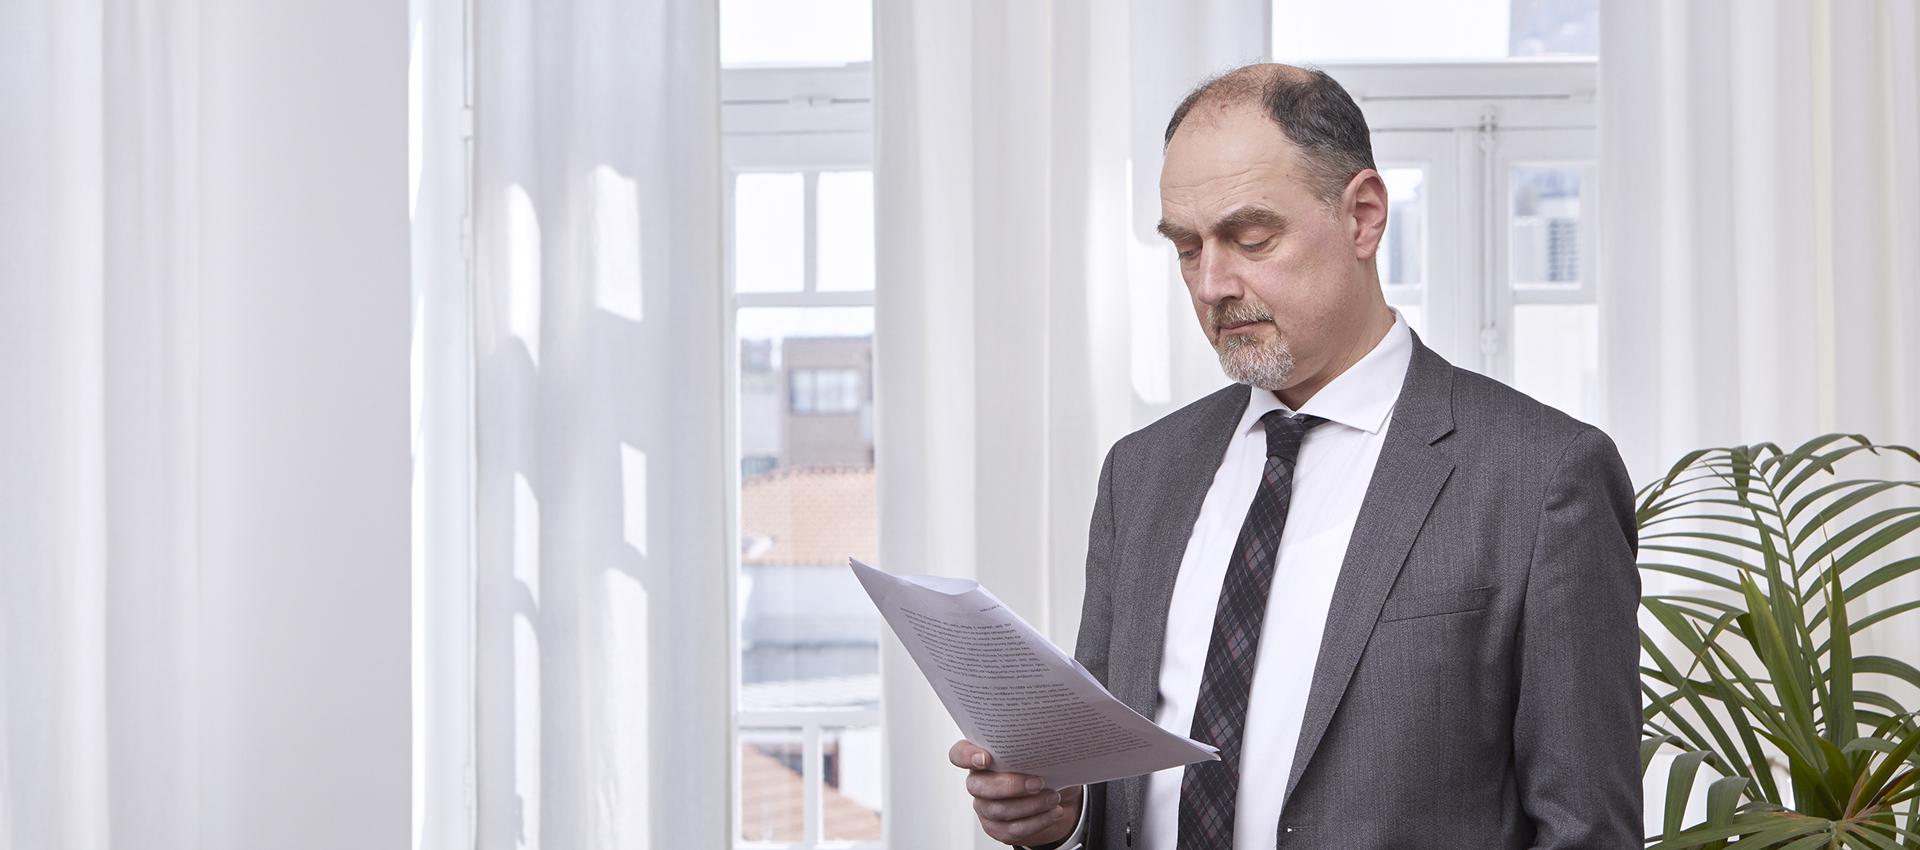 Γεώργιος Κοπακάκης LLM, Δικηγόρος παρ' Αρείω Πάγω